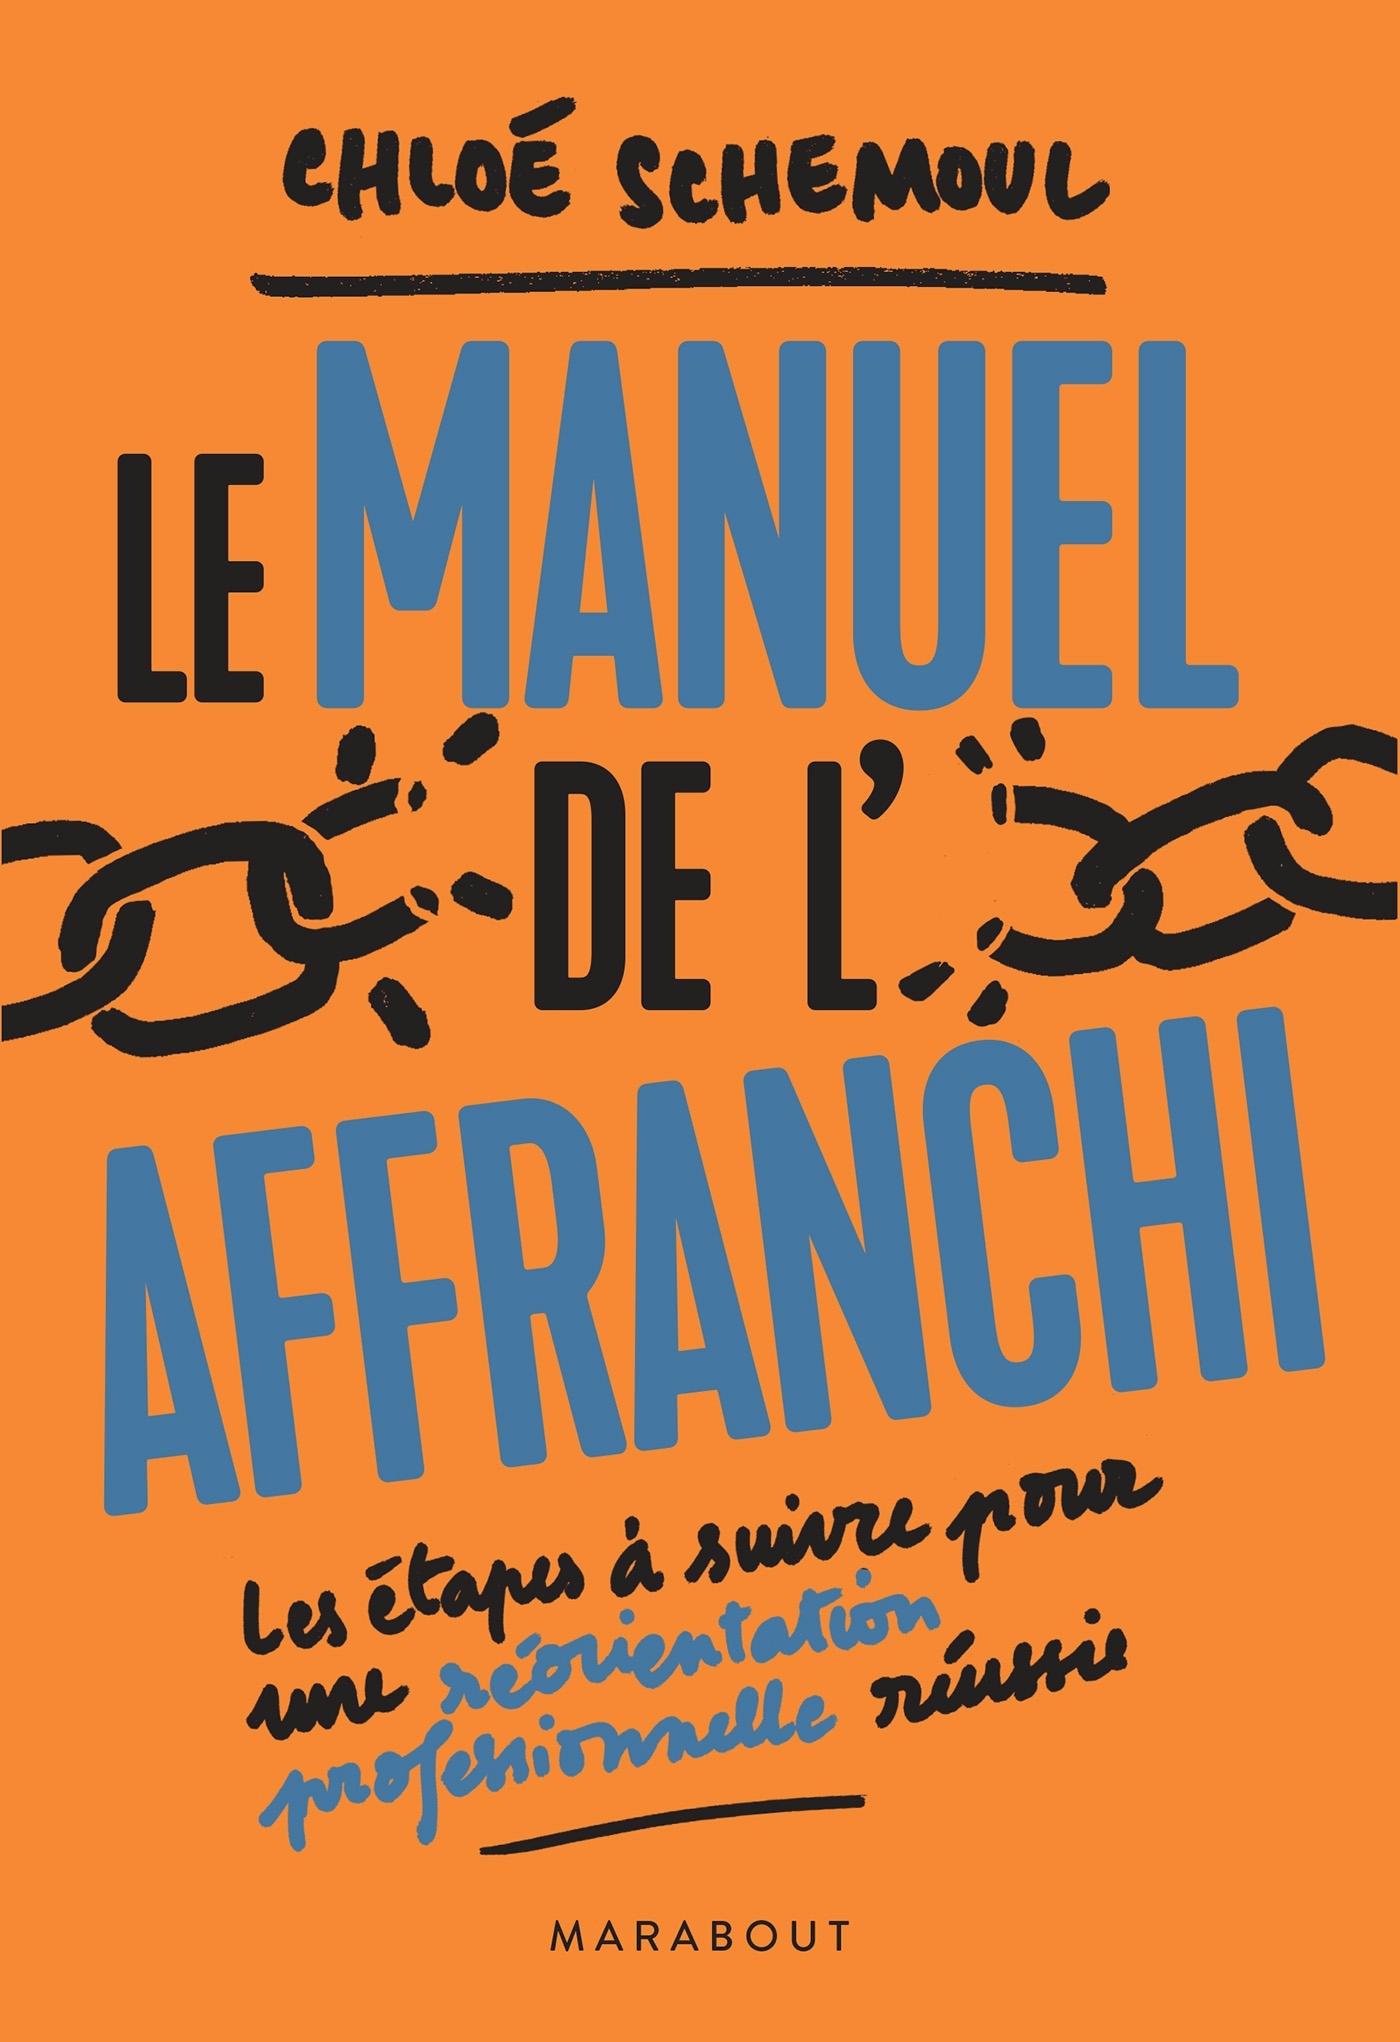 LE MANUEL DE L'AFFRANCHI - LES ETAPES A SUIVRE POUR UNE REORIENTATION PROFESSIONNELLE REUSSIE